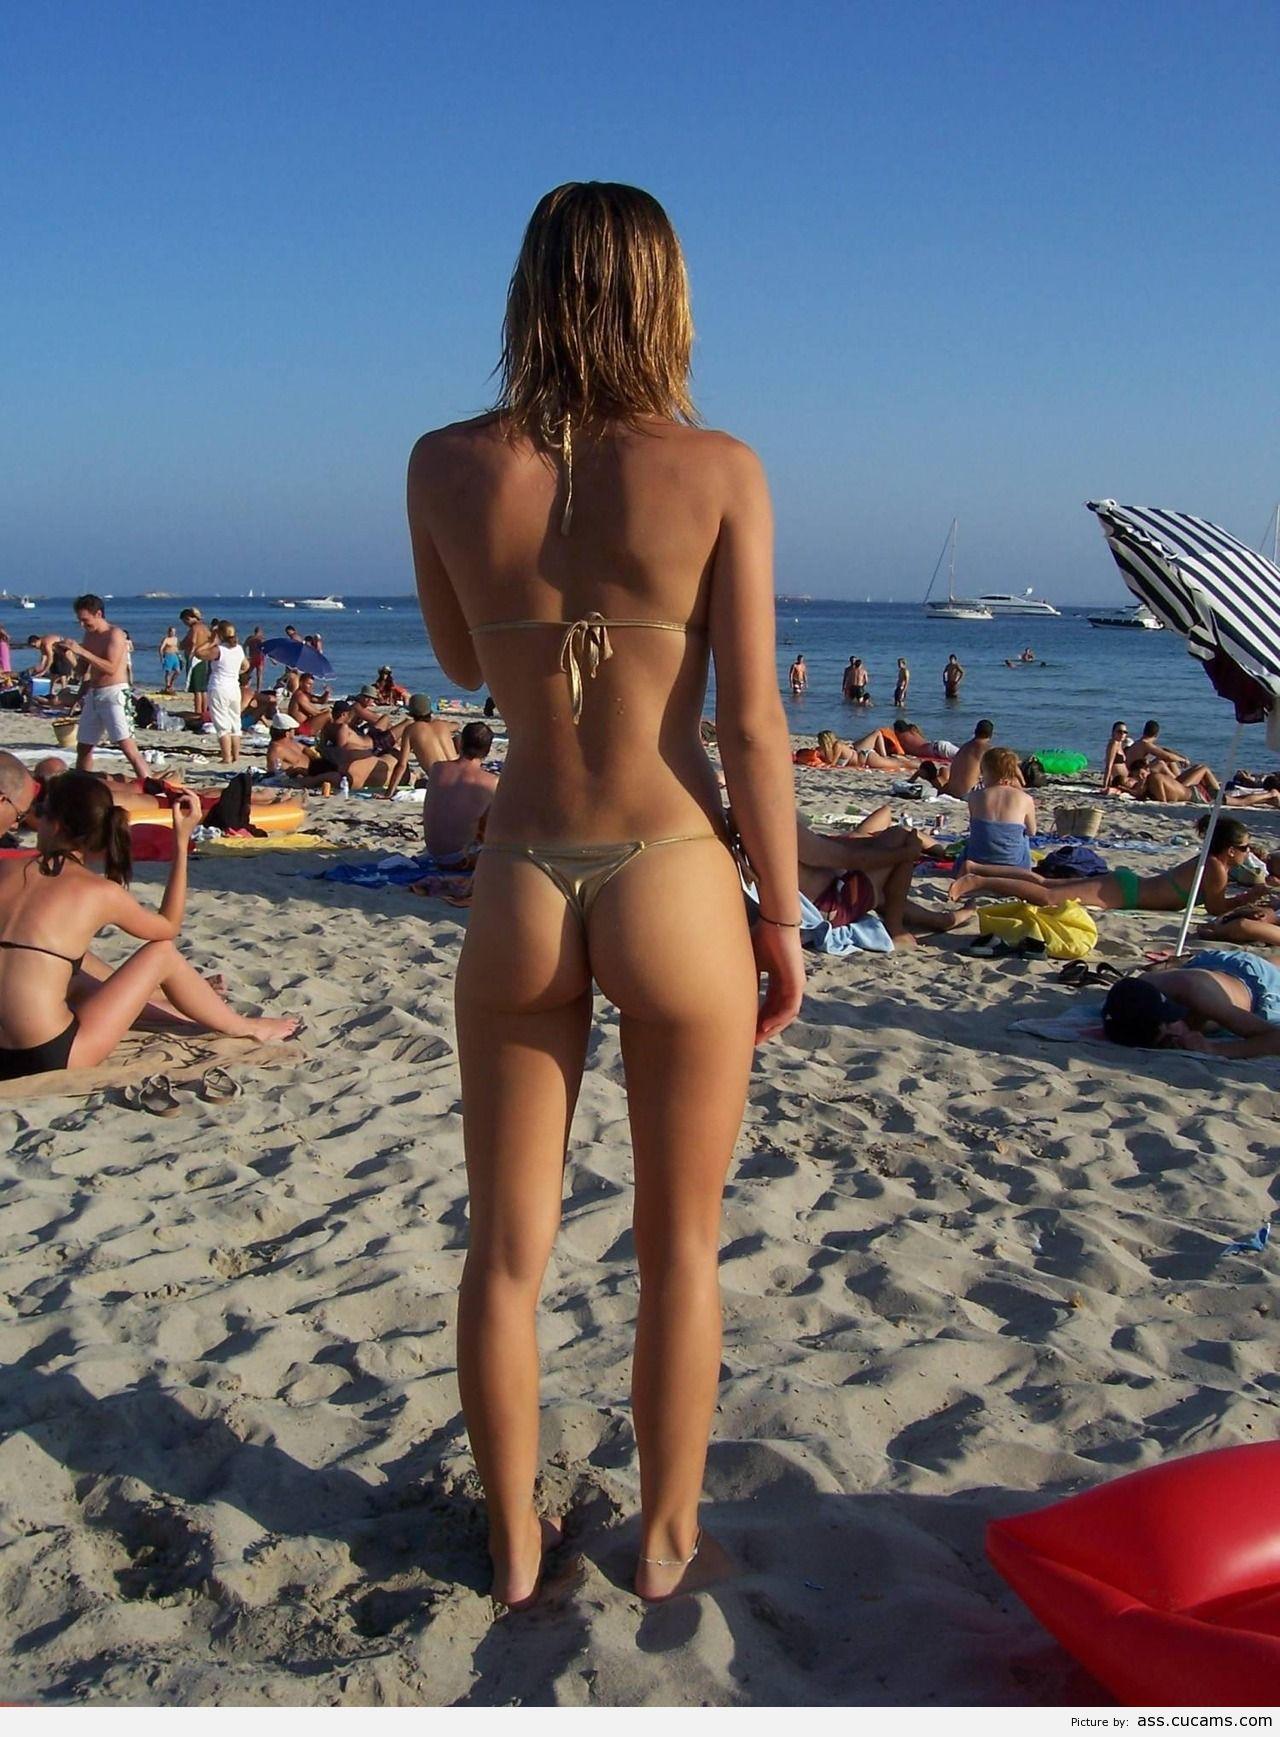 Ass Brazilian Experienced by ass.cucams.com